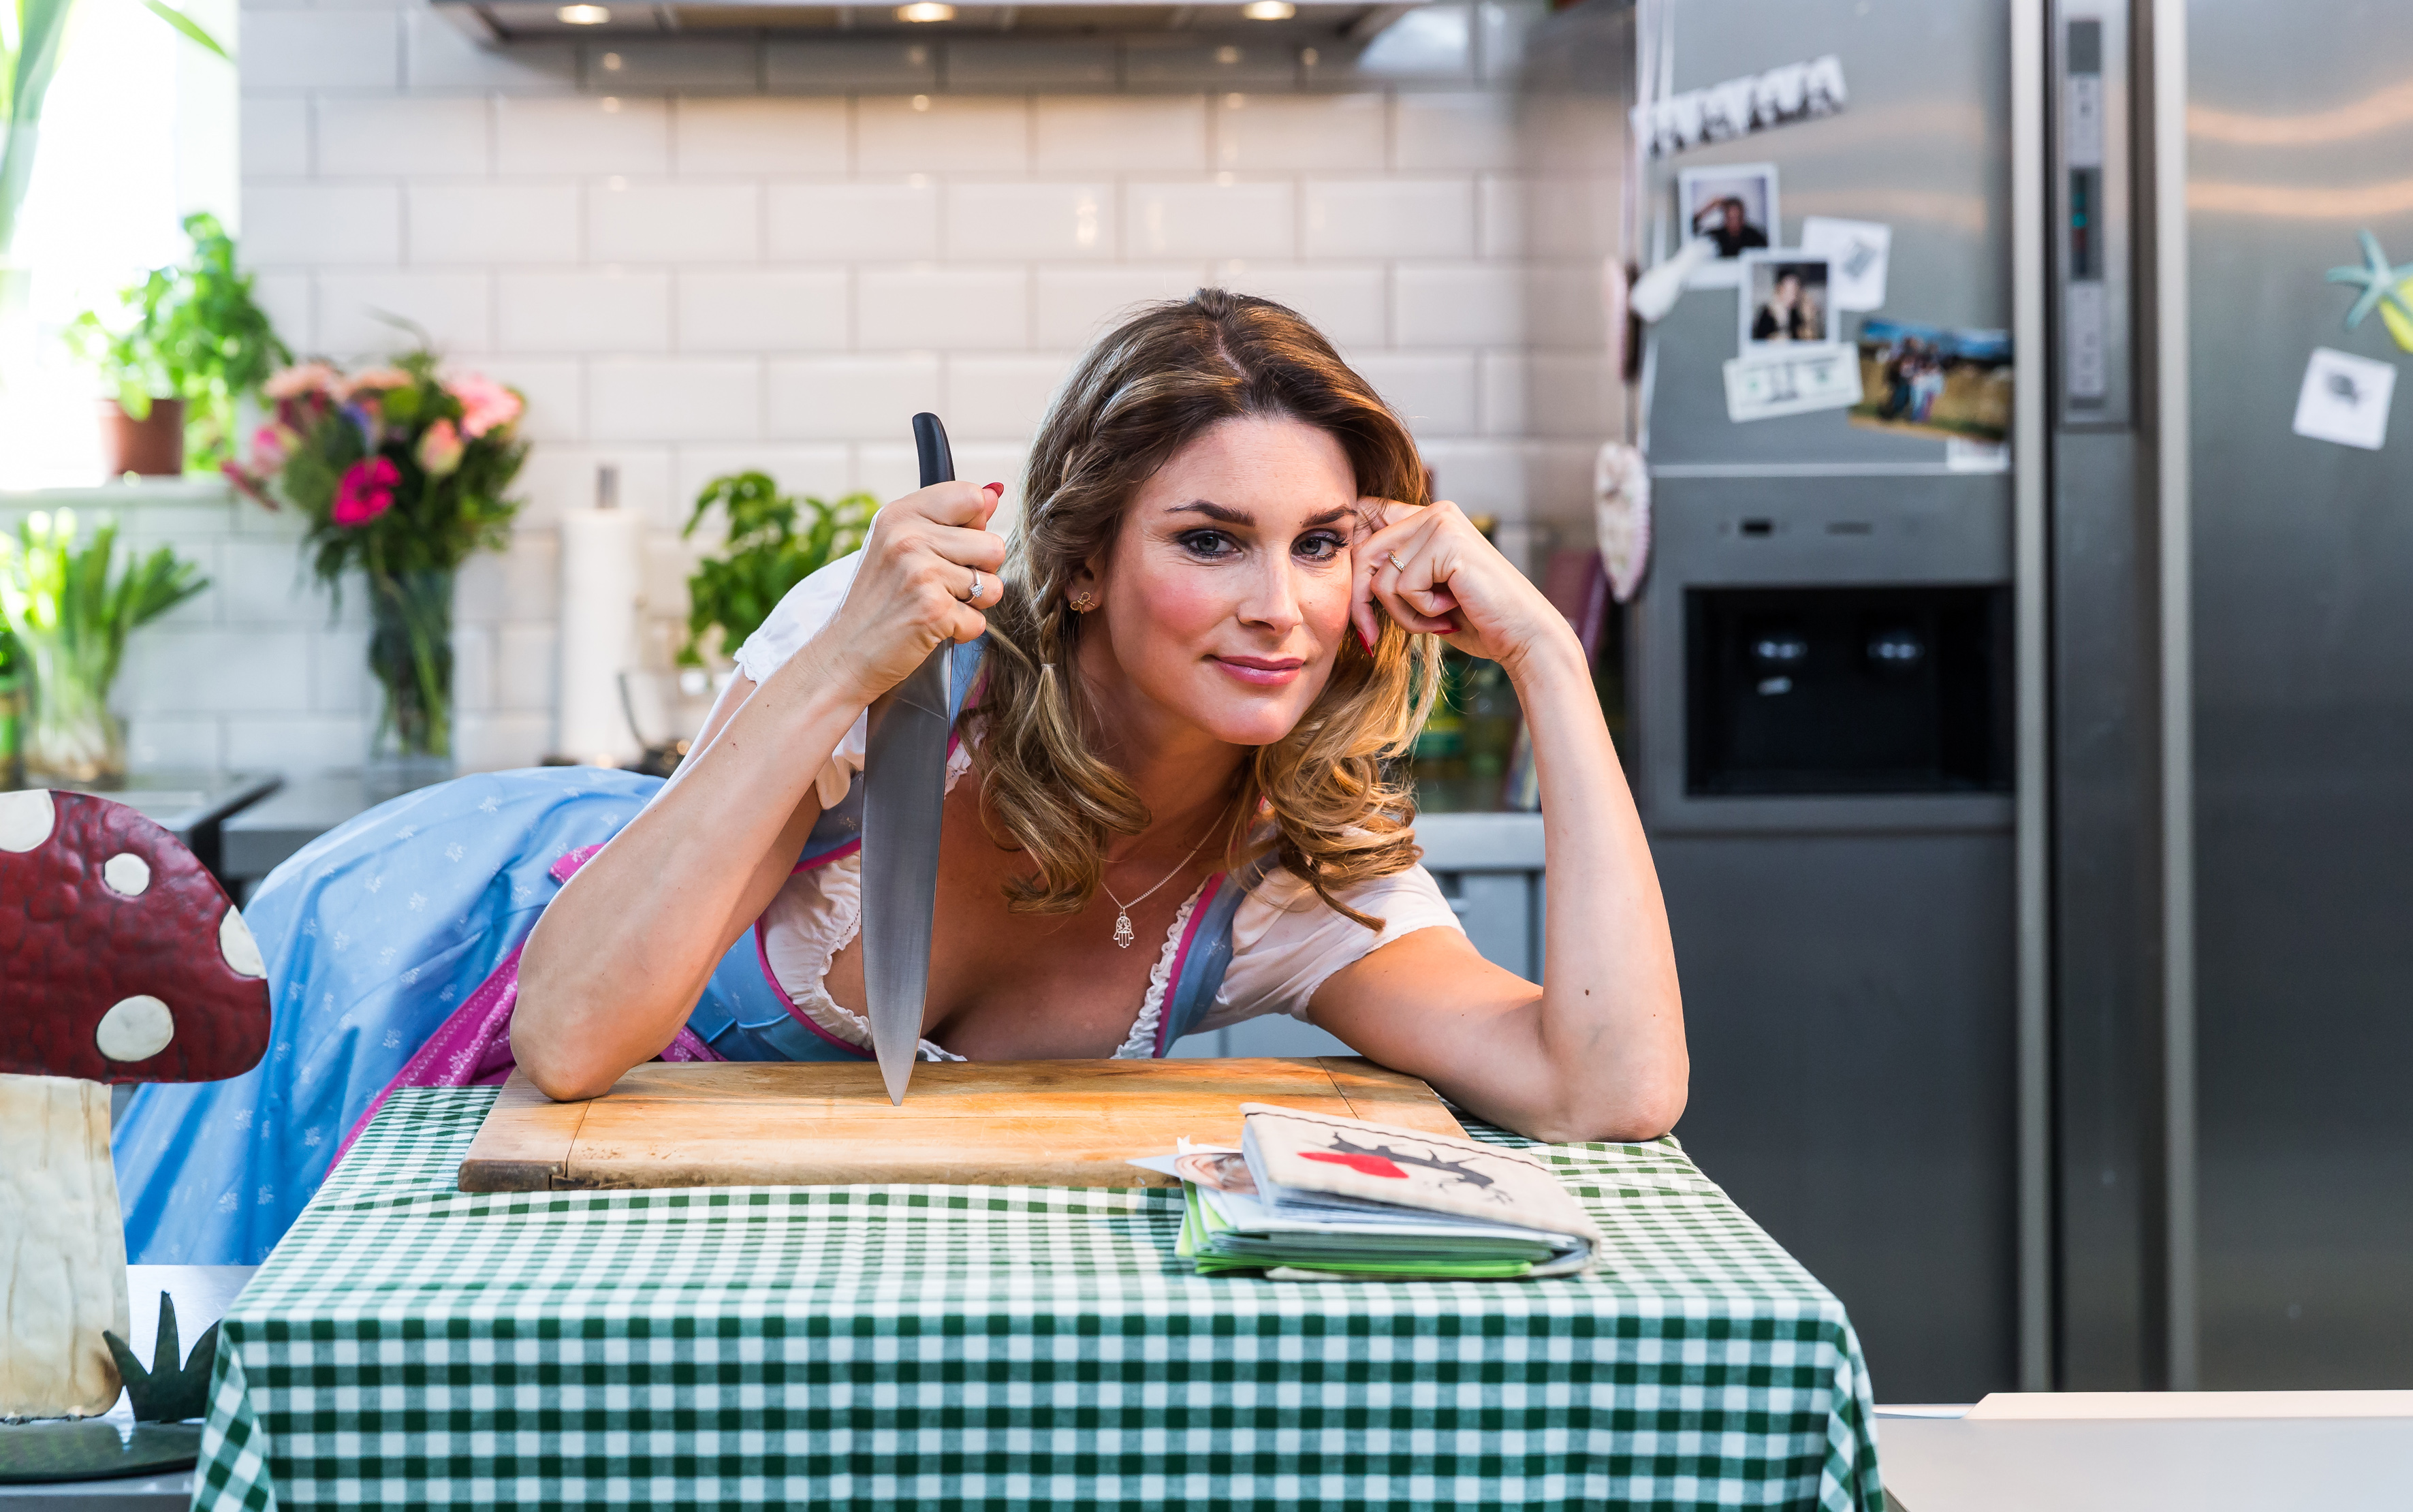 """Schauspielerin Claudelle Deckert hat jetzt die erste Folge ihrer komödiantischen Kochshow """"Cooking Well With Claudelle"""" online gestellt."""